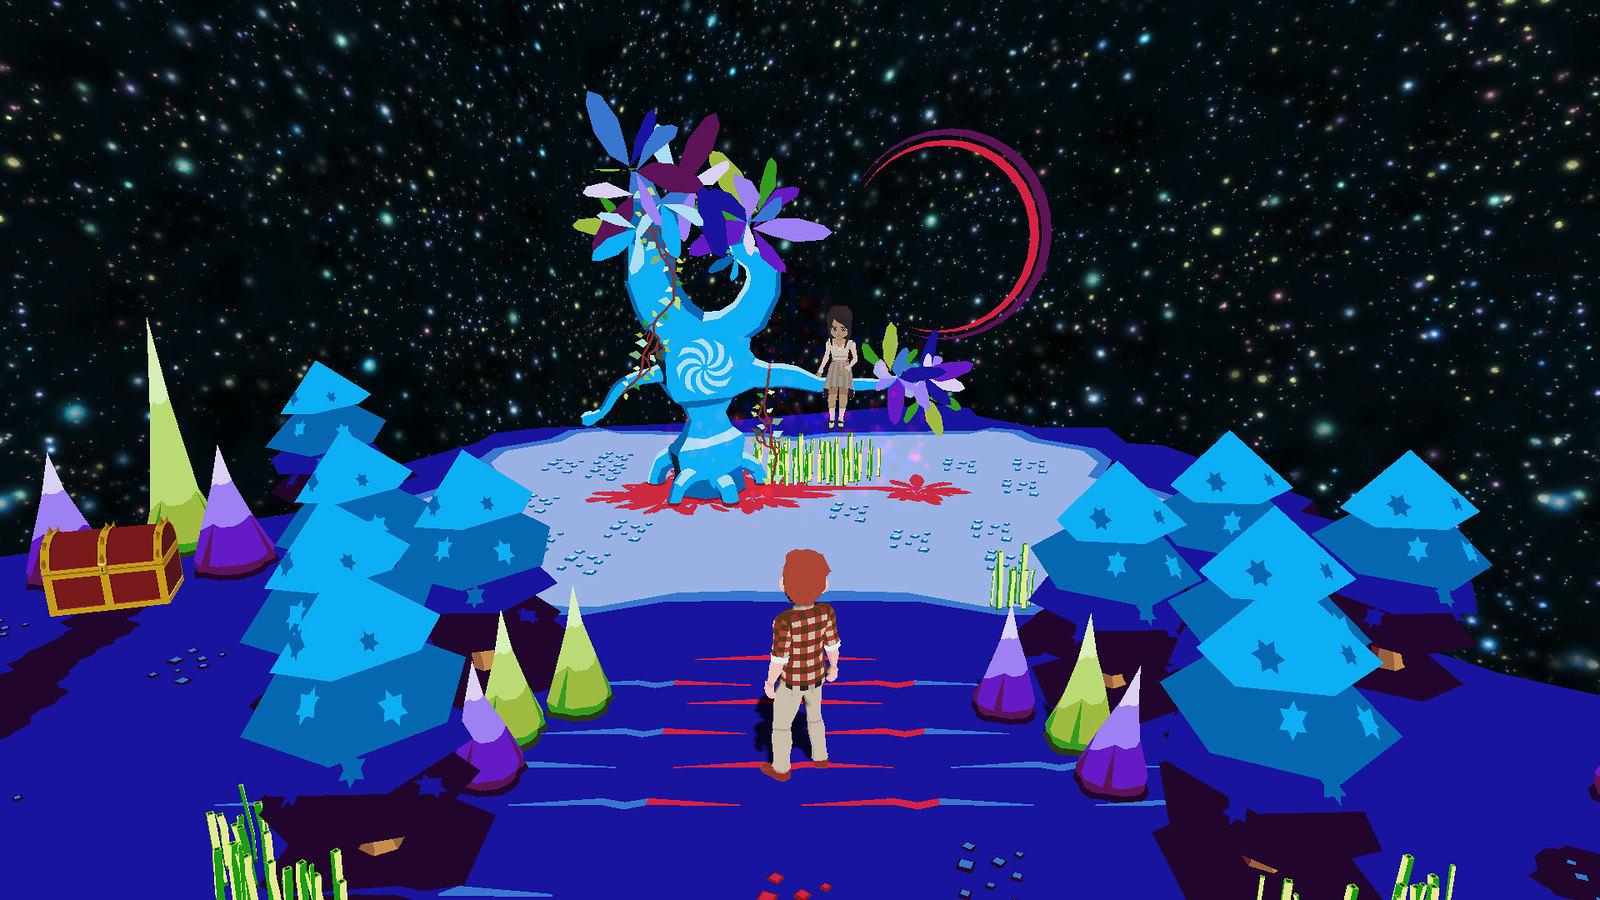 45980662524 161894e7c4 h - Die Entwickler von YIIK: A Postmodern RPG sprechen über die Inspirationen, die Story und Gameplay des Spiels geprägt haben